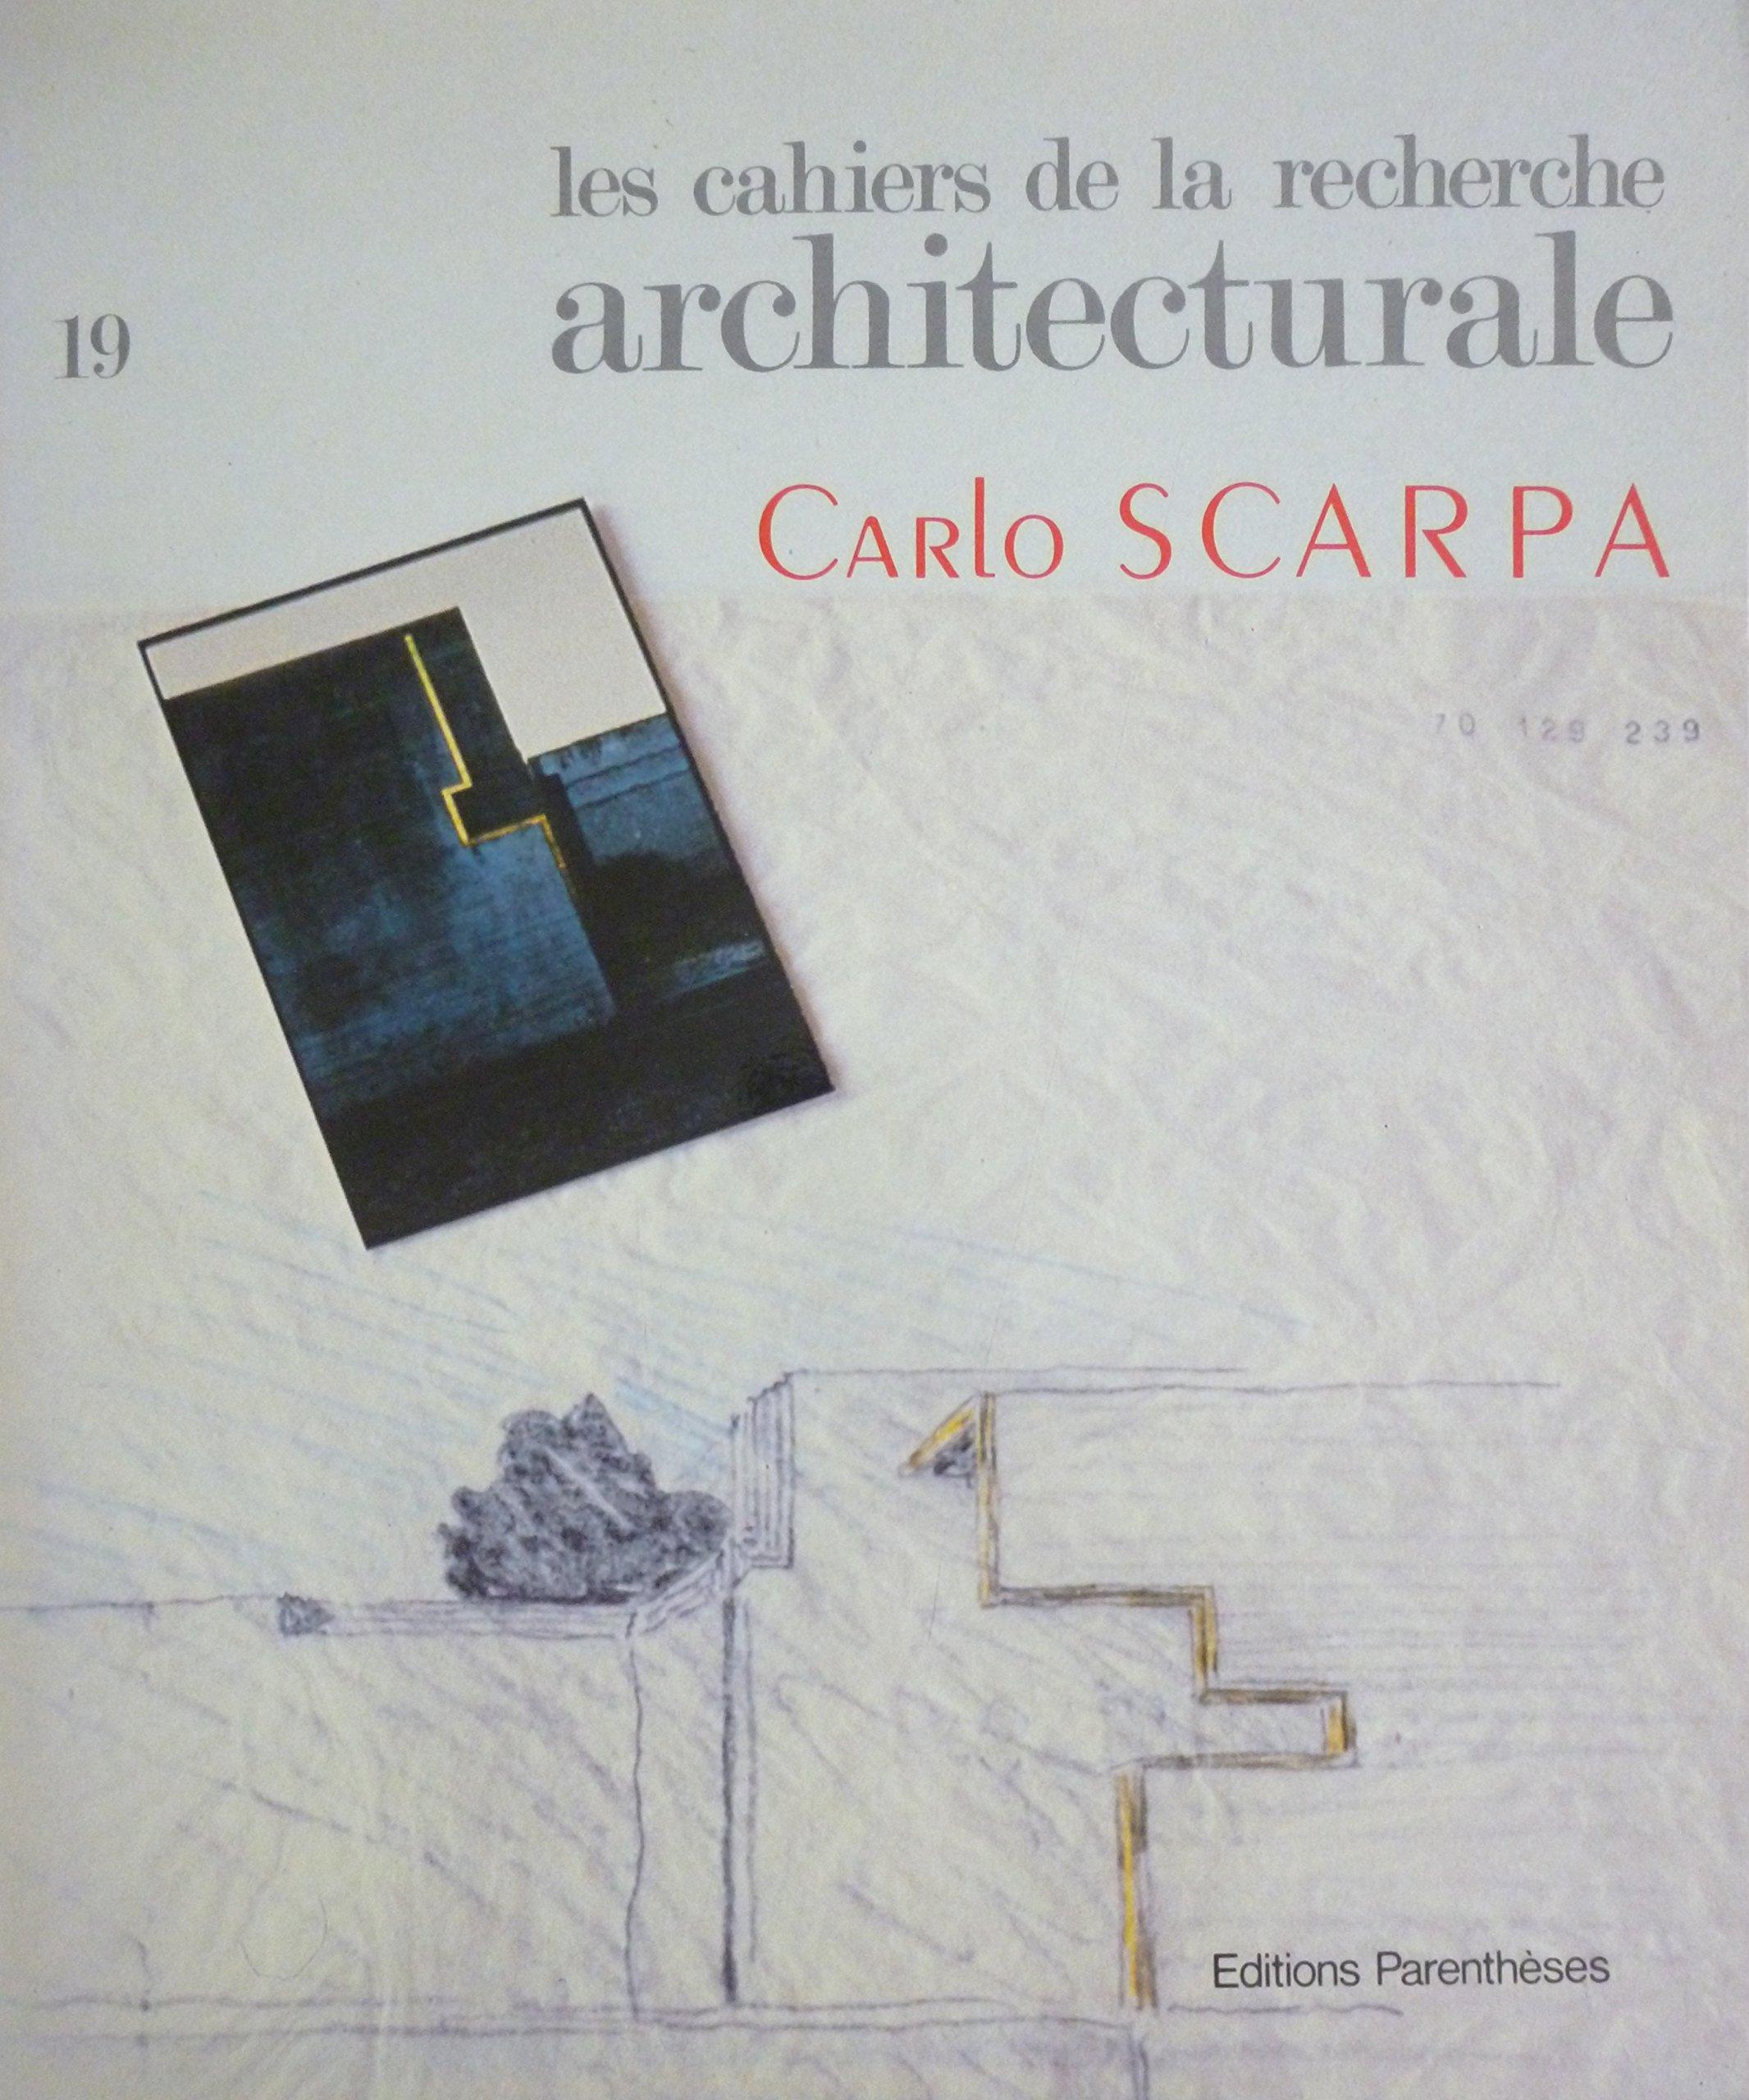 Les cahiers de la recherche architecturale, 19